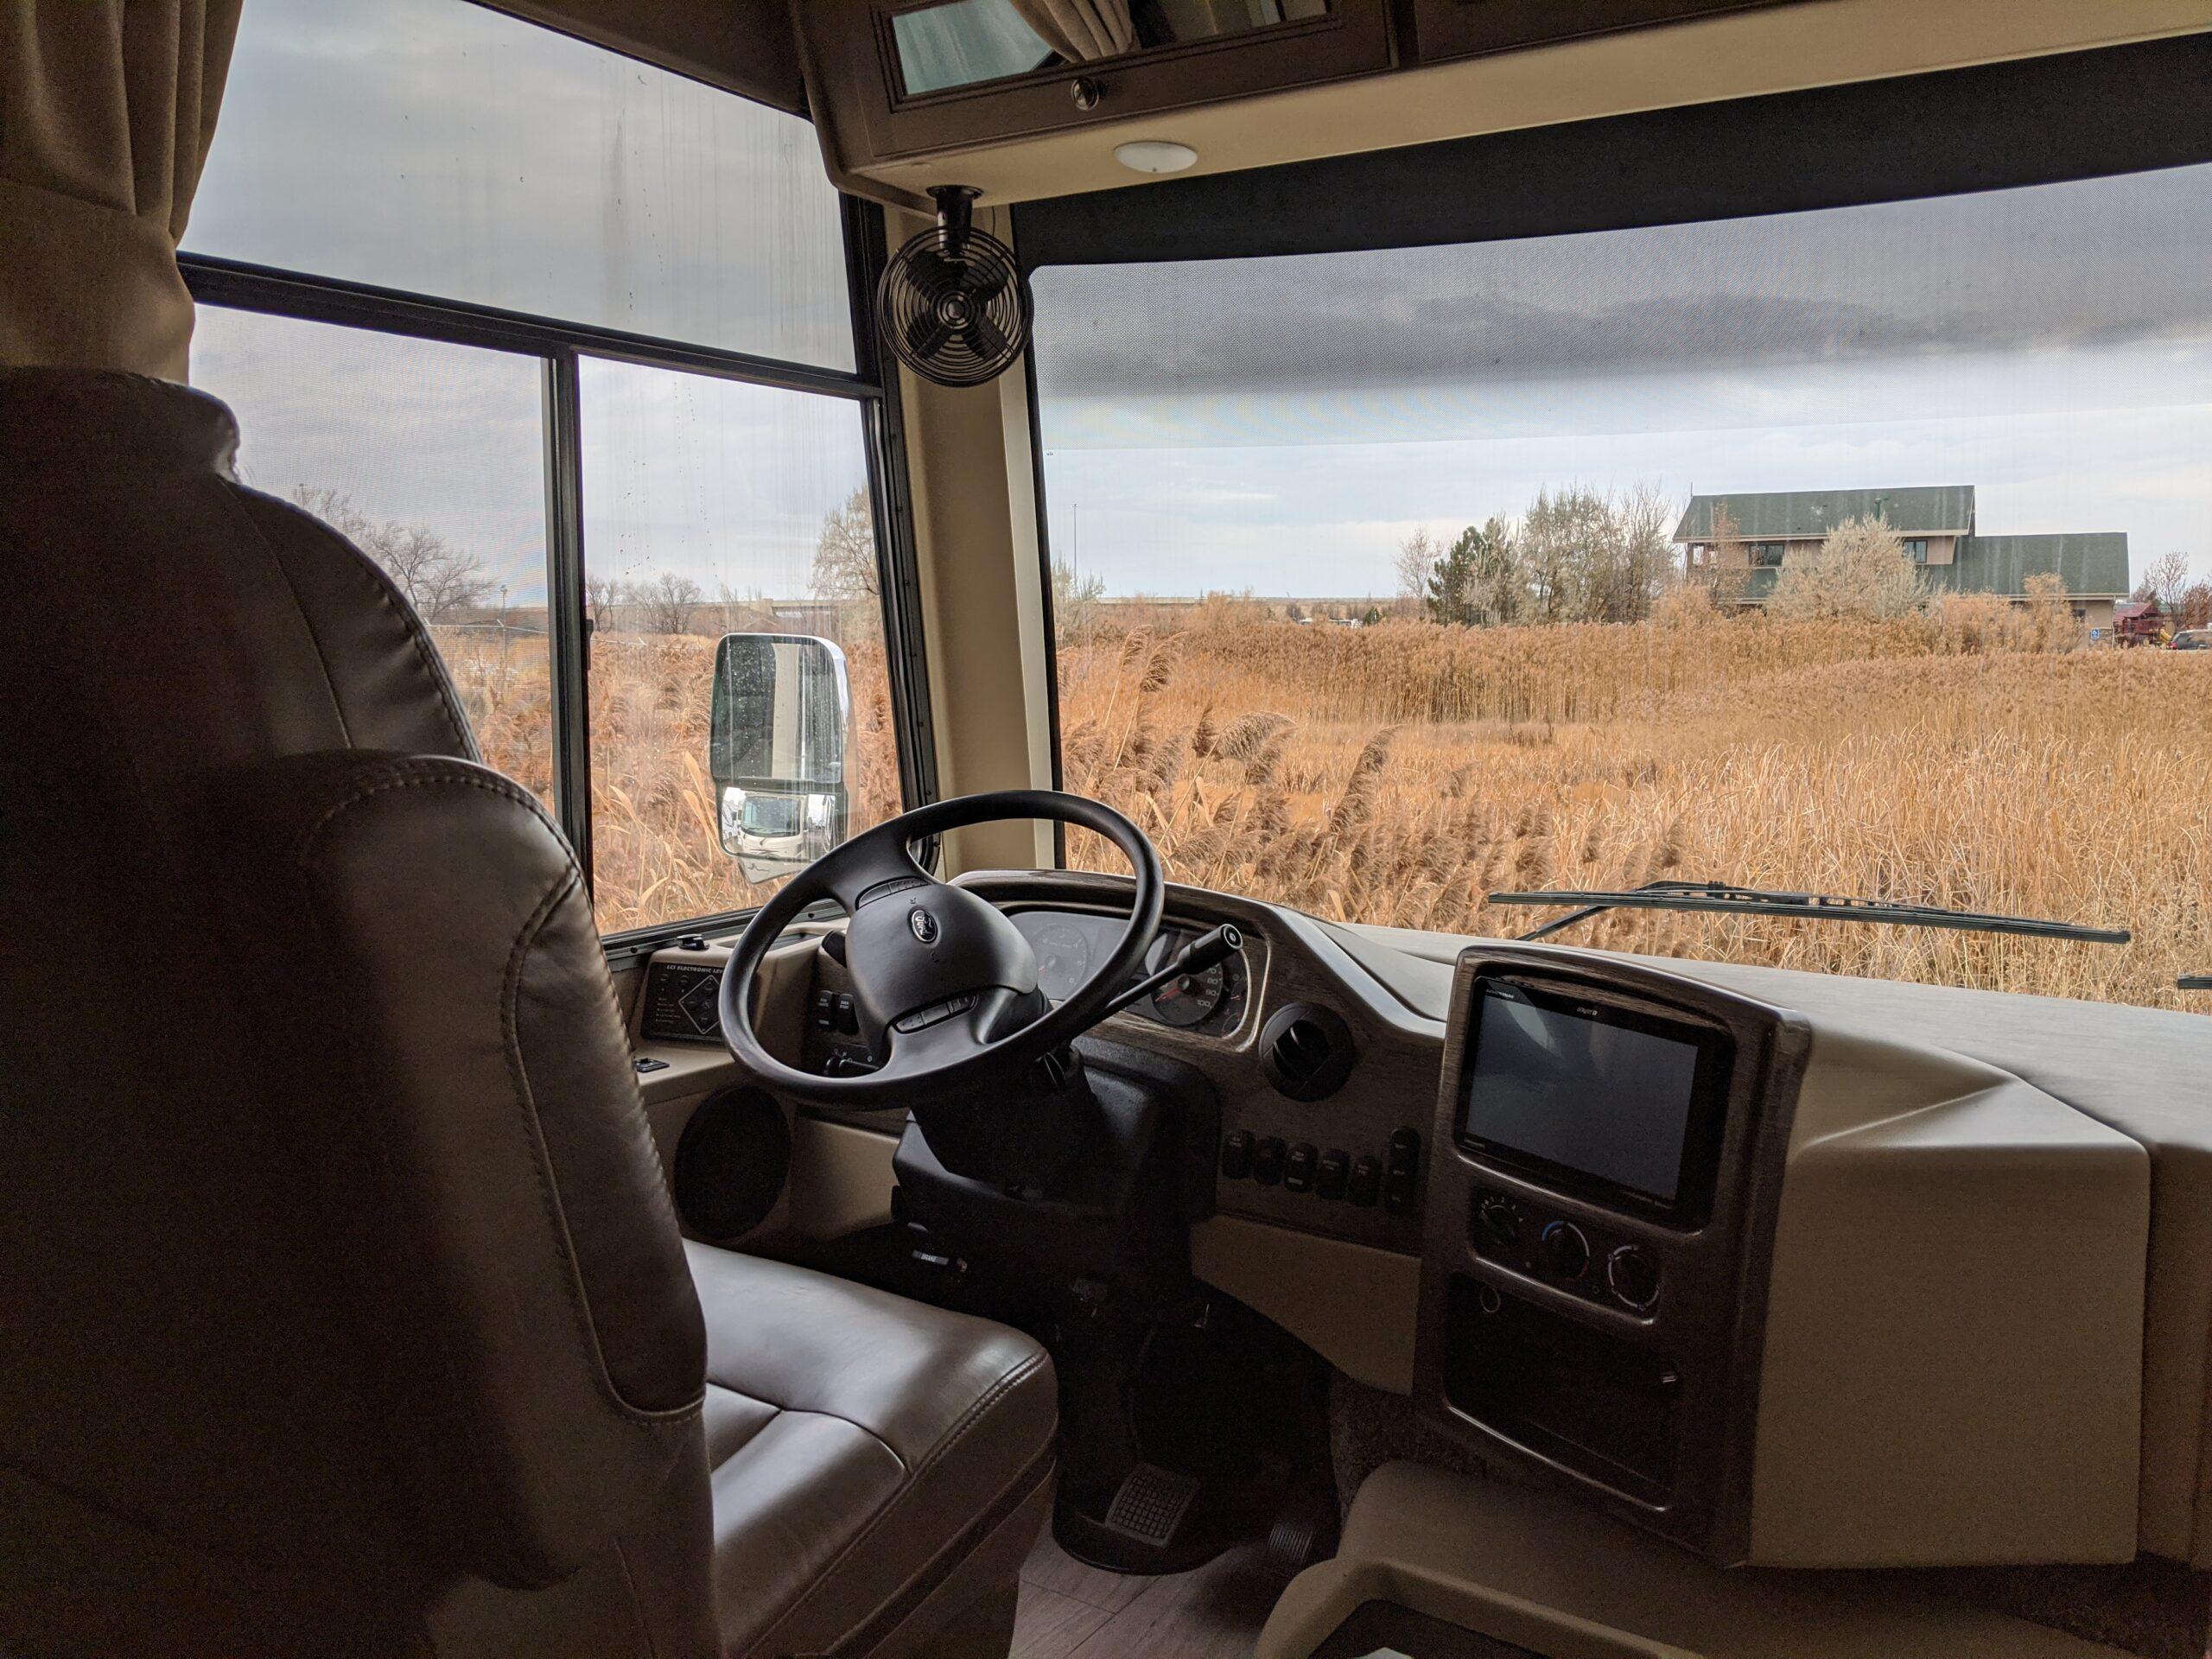 Driver's seat of a 34R Windsport RV Rental